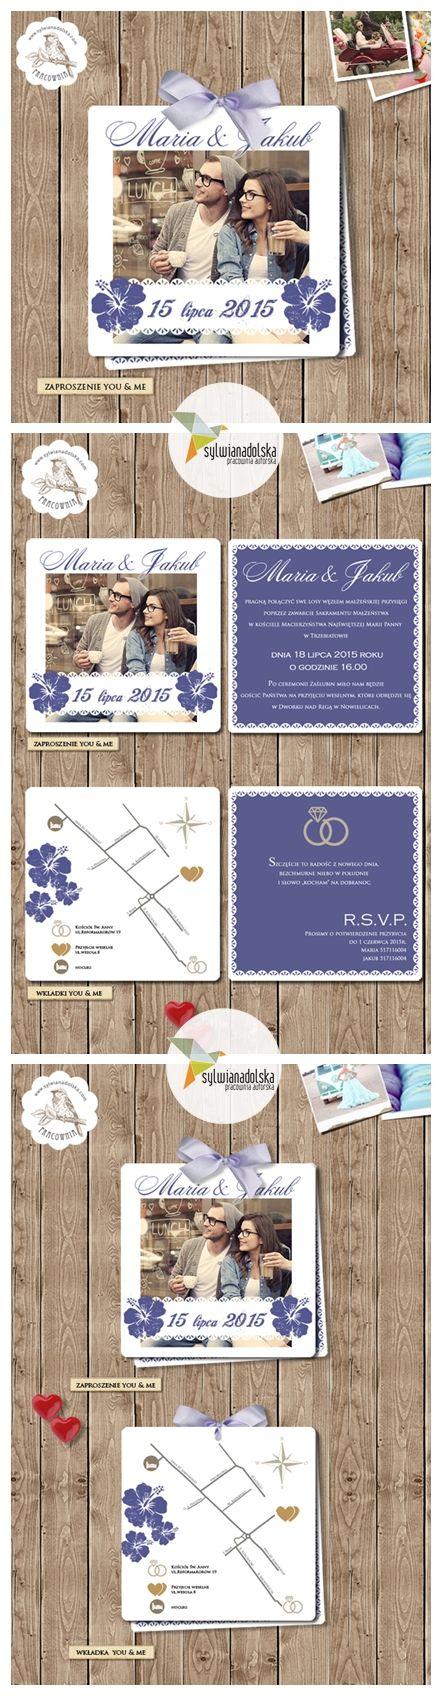 """Zaproszenia Ślubne """"YOU & ME HIBISKUS"""" 7.49 zł/szt. #sylwianadolska #zaproszeniaslubne #zaproszenianaslub #zaproszenia #slub #wesele #wedding   #lawenda #zaproszeniaboho #vintage #winietki #papeteria #dodatkislubne #zaproszenia"""